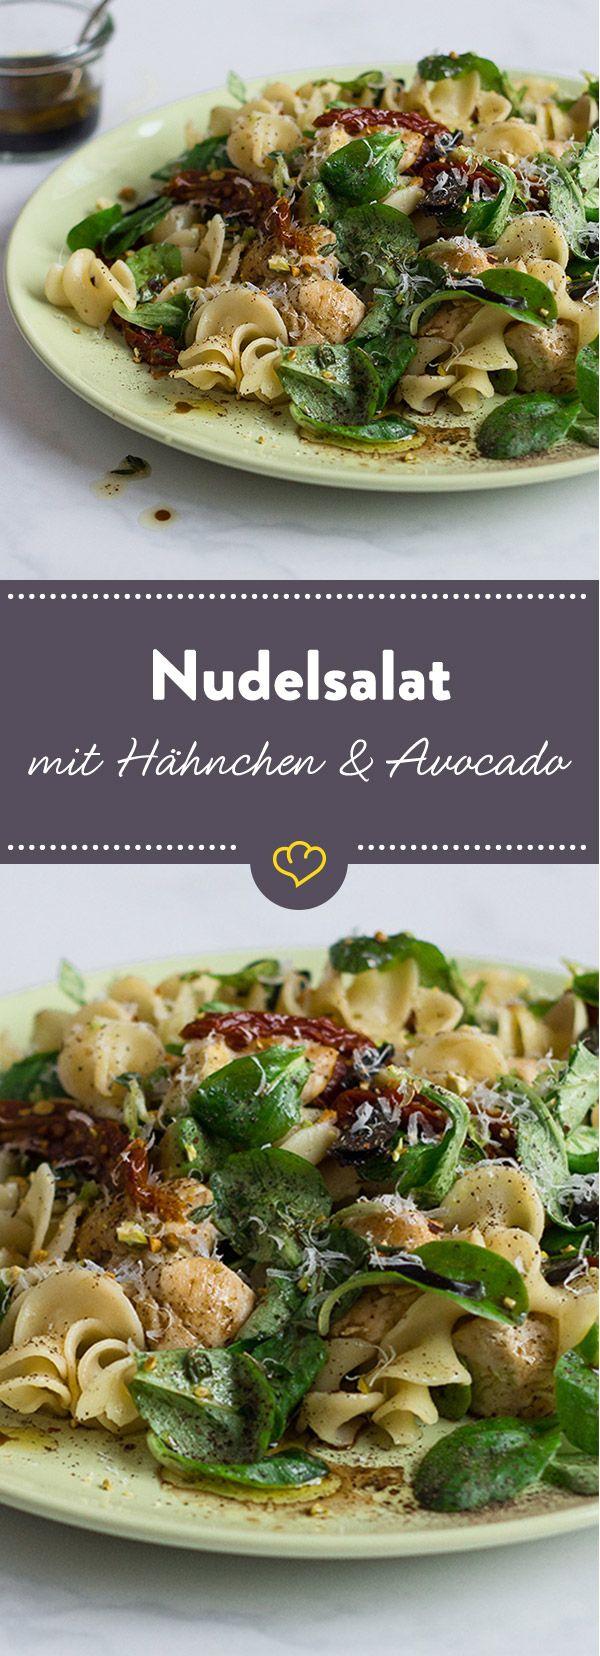 Pasta trifft zartes Hähnchen trifft gesunde Avocado - und alles in einem Salat. Wenn da keine Freude aufkommt, wissen wir auch nicht weiter.